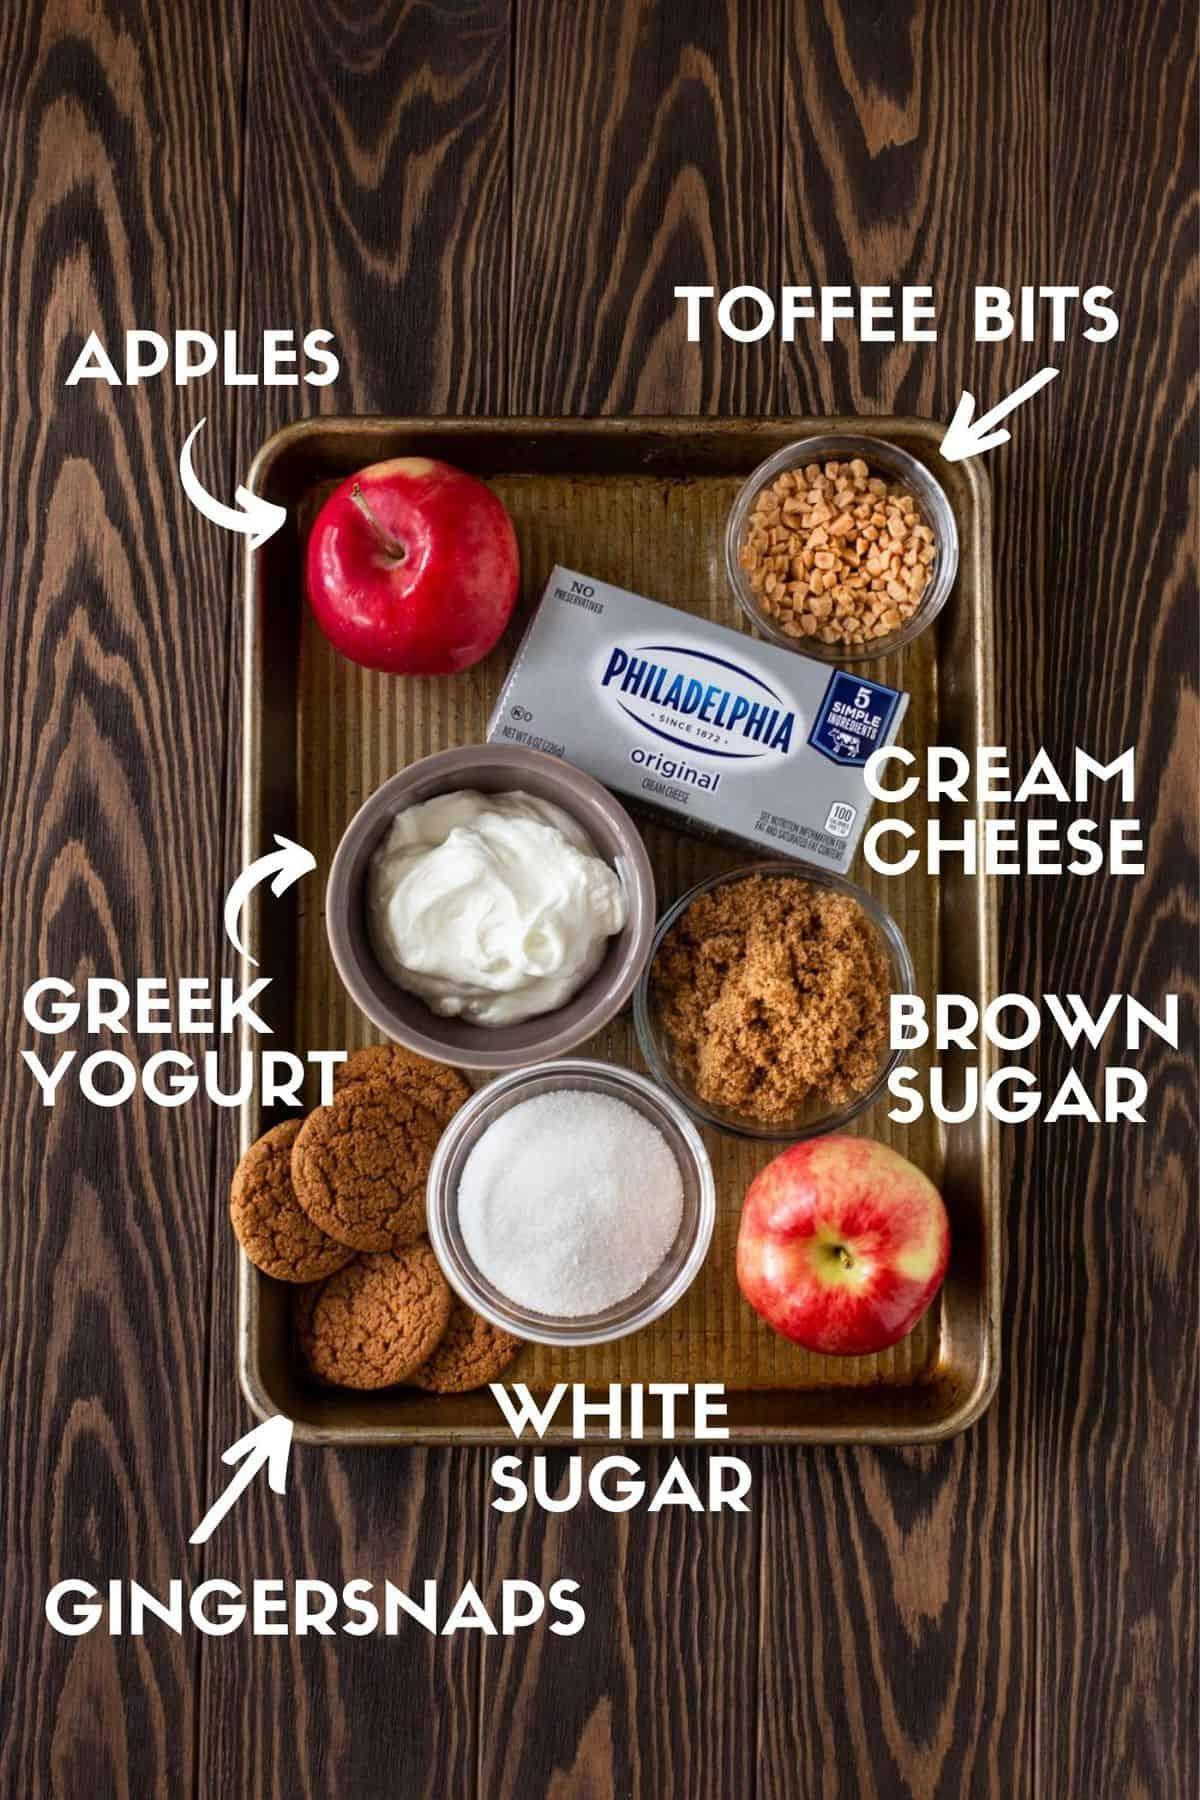 Diagram of ingredients for apple dip.